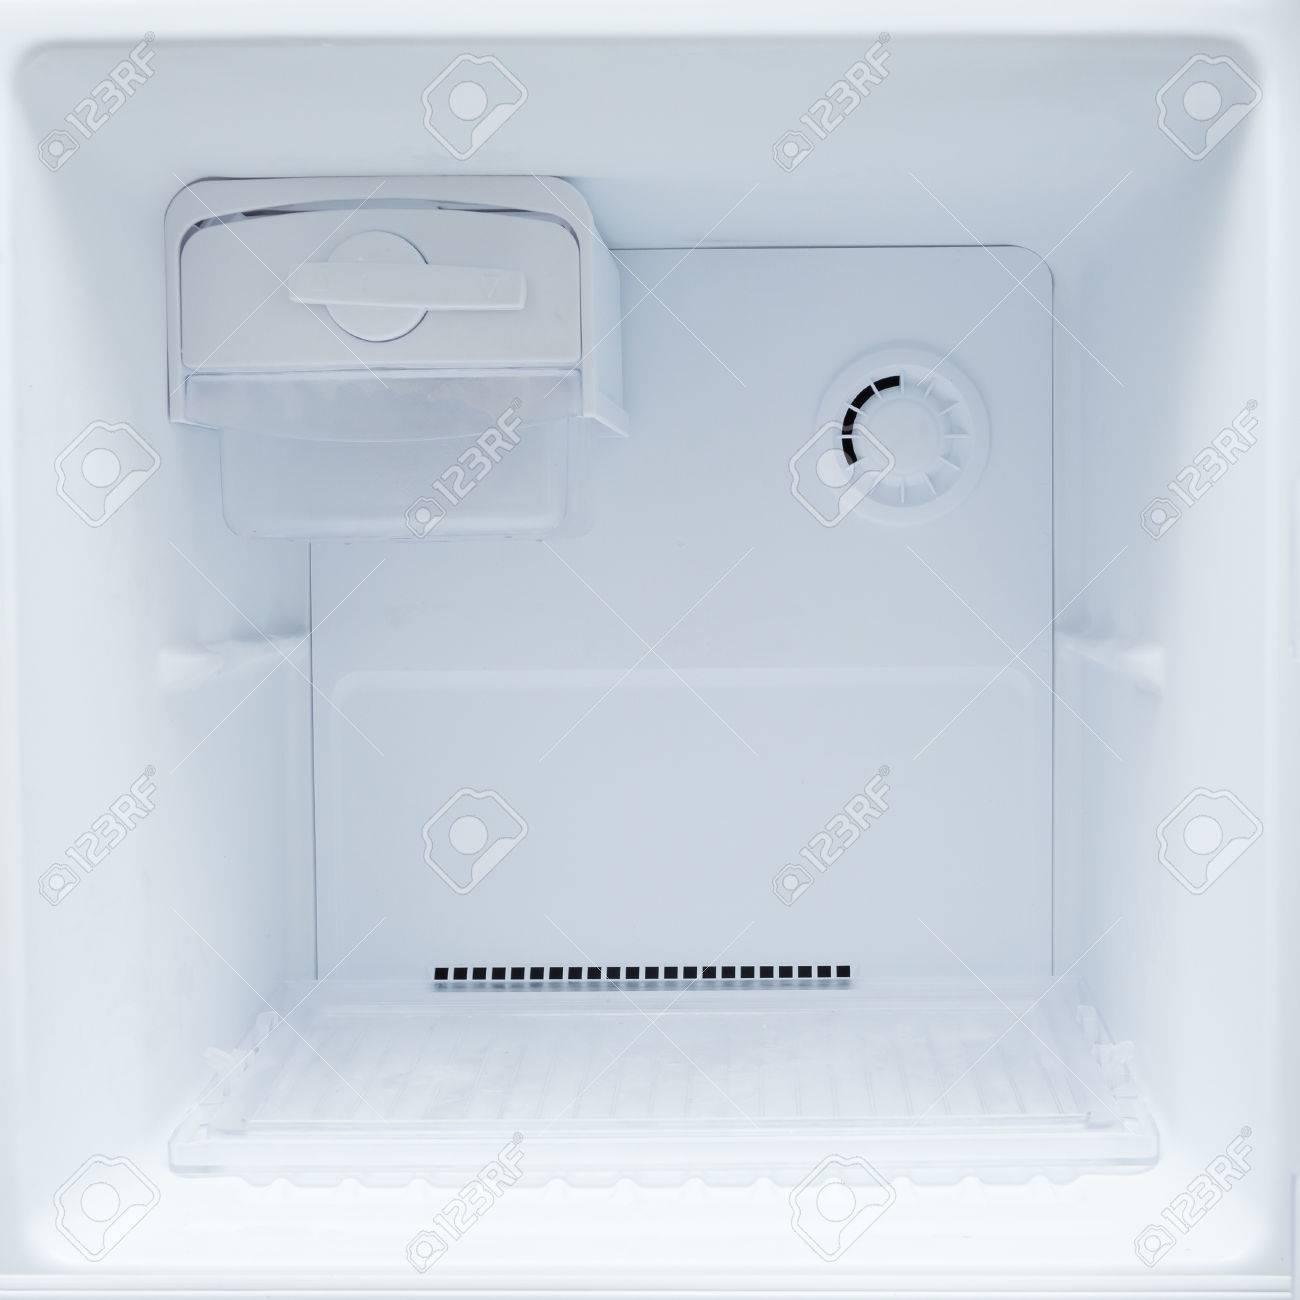 frigorifero vuoto freezer di elettrodomestico da cucina foto ... - Cucina Elettrodomestico